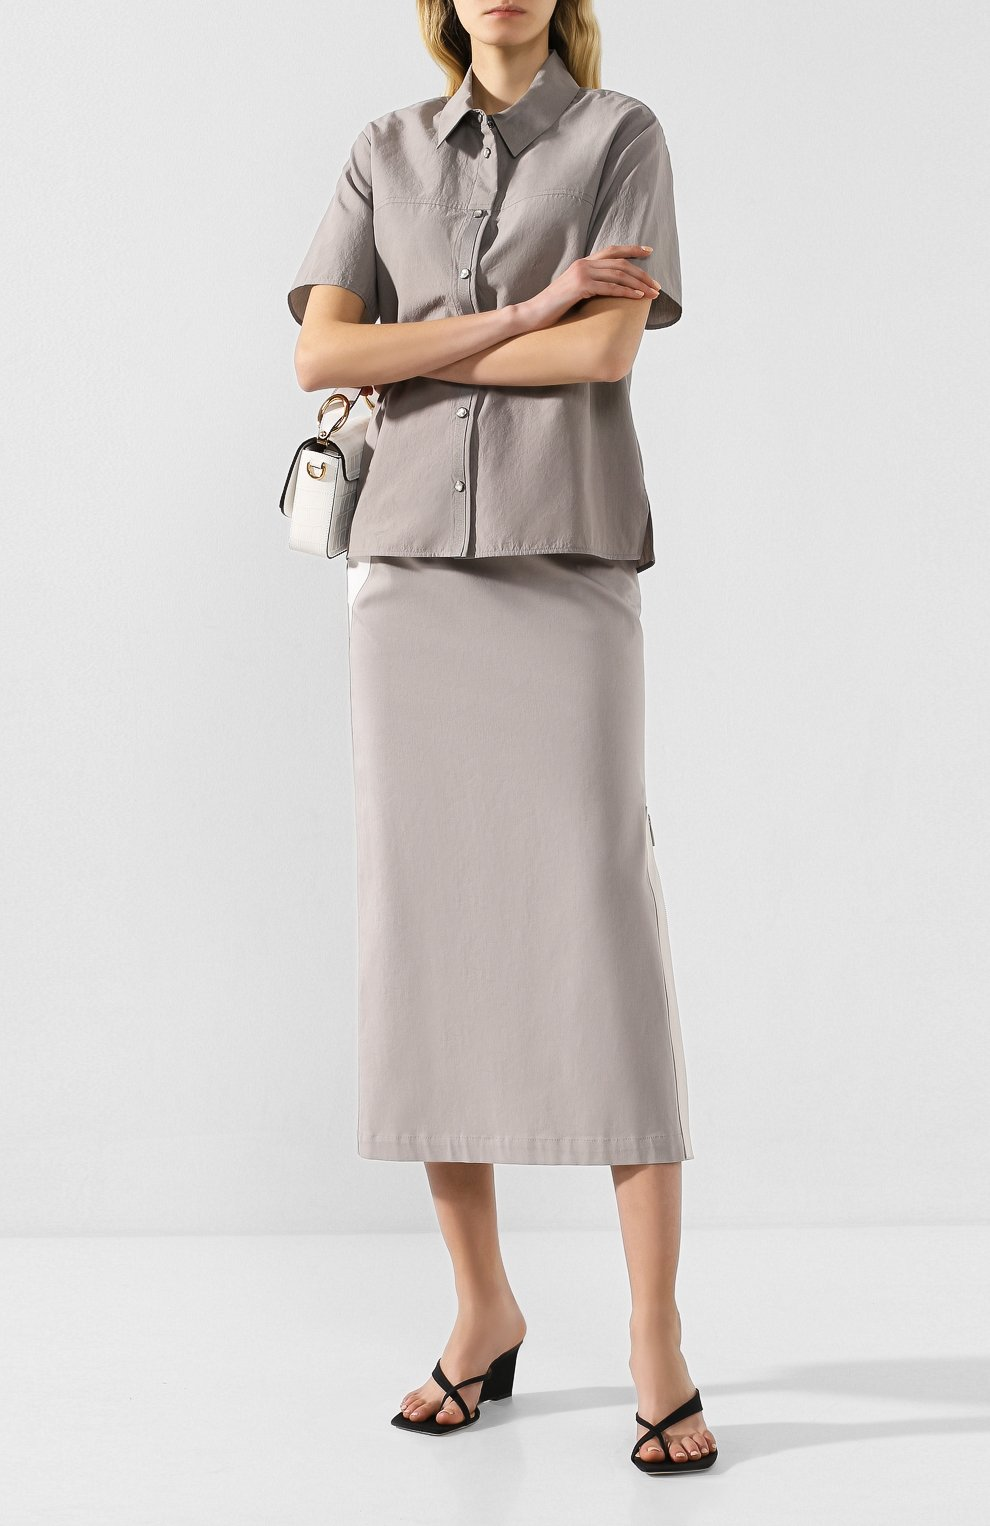 Женская хлопковая юбка LORENA ANTONIAZZI серого цвета, арт. P2033G0006/3184 | Фото 2 (Женское Кросс-КТ: Юбка-карандаш; Материал внешний: Хлопок; Длина Ж (юбки, платья, шорты): Миди)